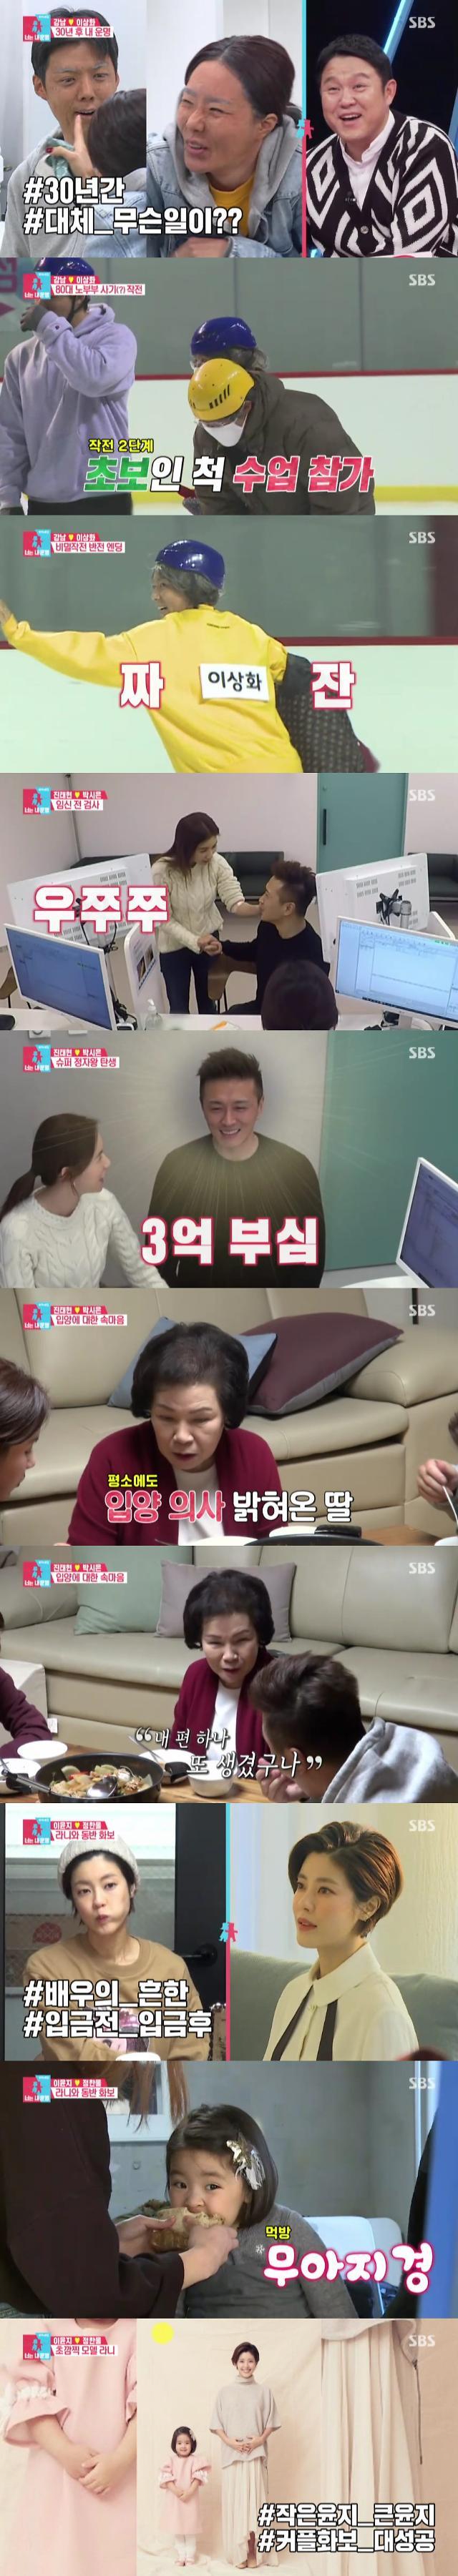 [간밤의 TV] '너는 내 운명' 진태현♥박시은 산전 검사→이윤지♥라니 화보 촬영···'뭉클 고백' 9.9%